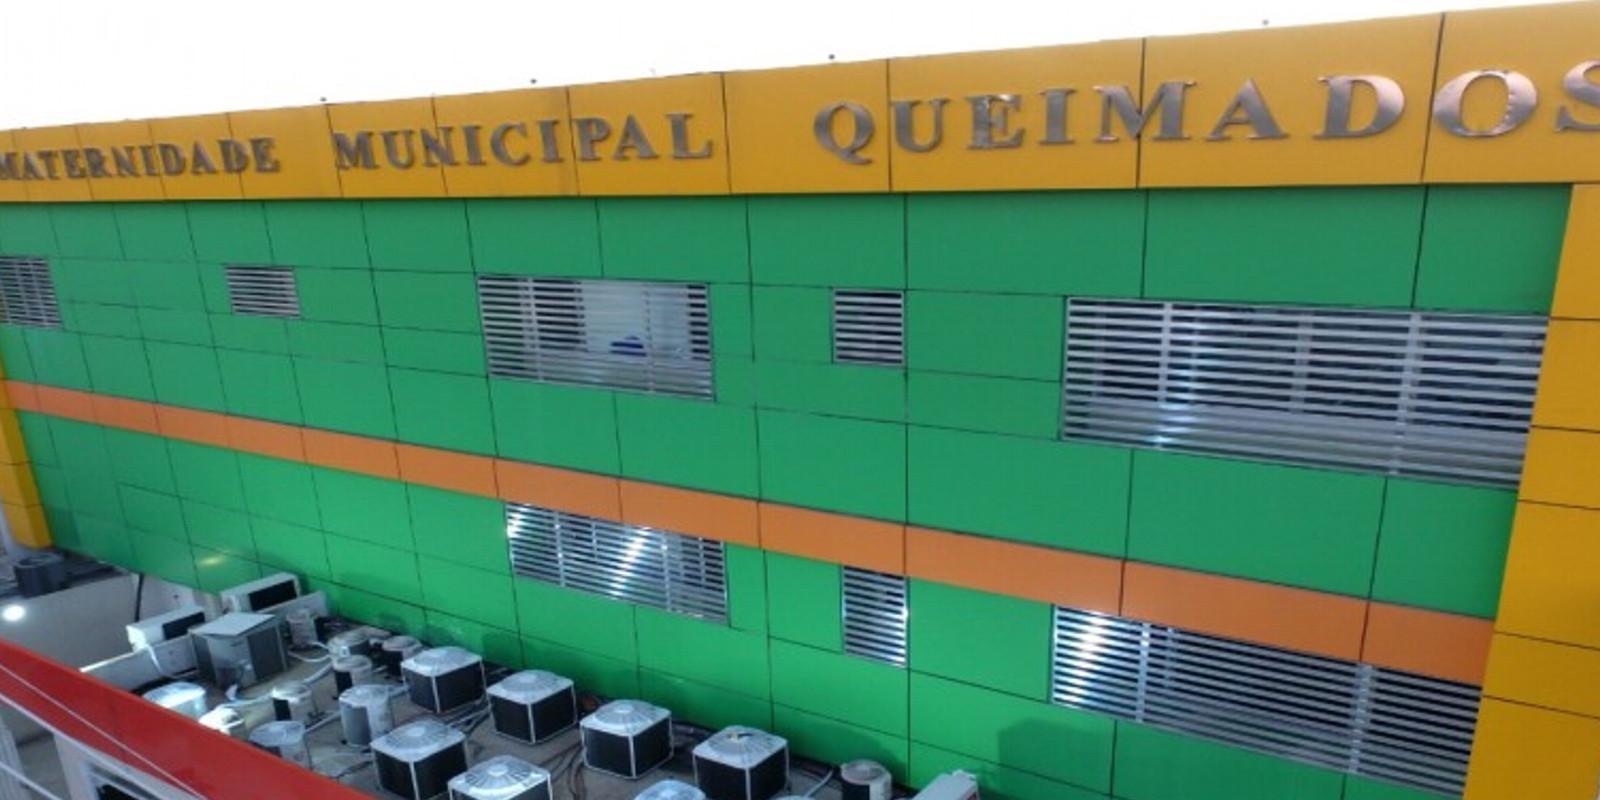 Jornalistas da mídia alternativa foram discriminados em Queimados no RJ